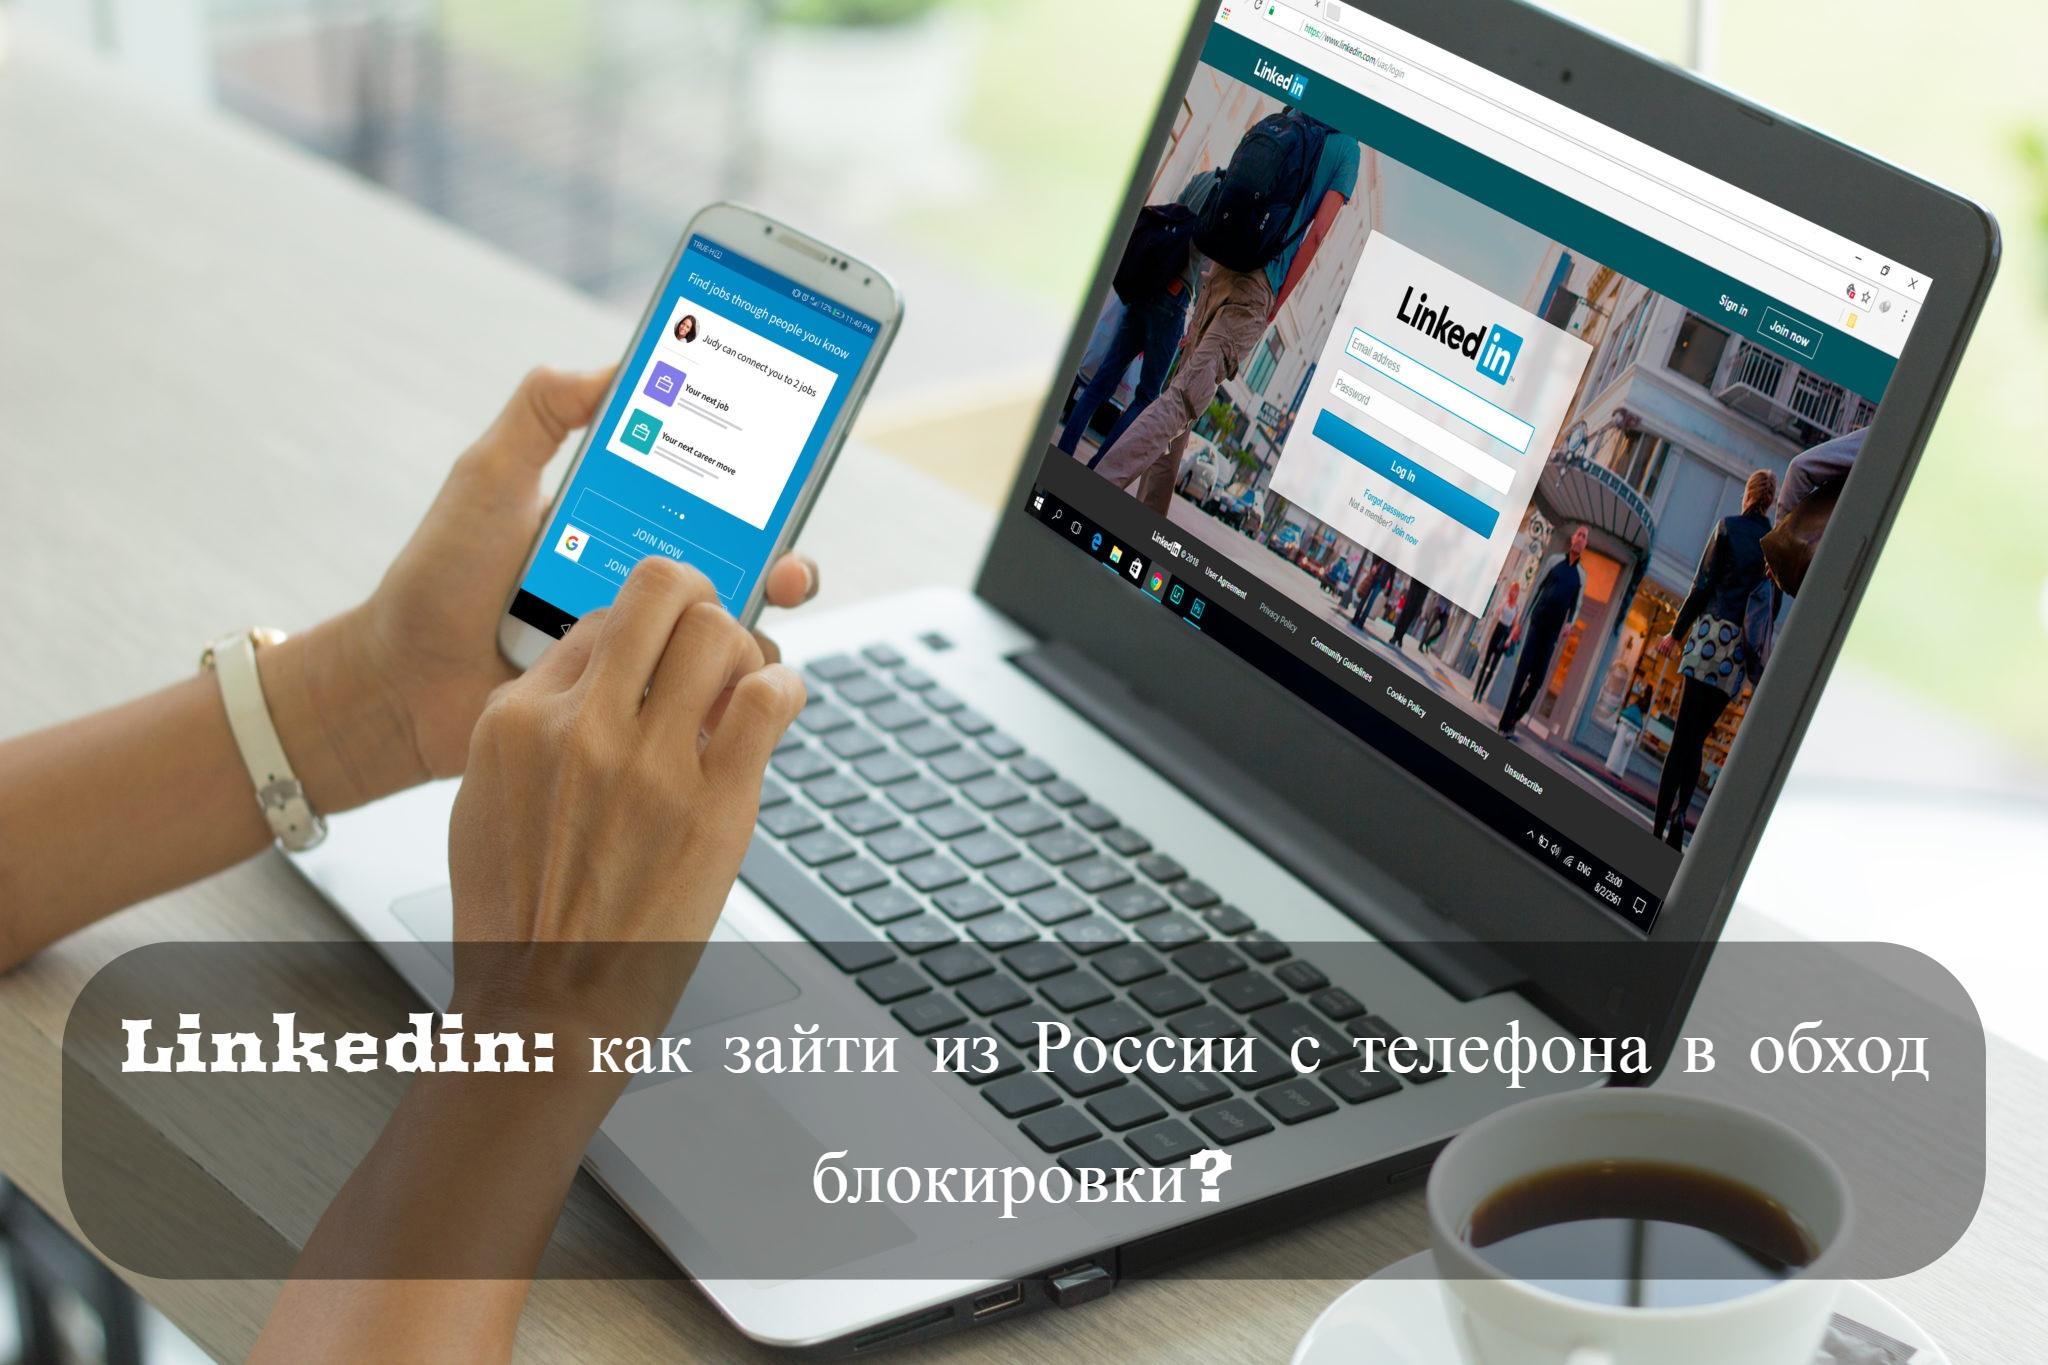 Linkedin: как зайти из России с телефона в обход блокировки?